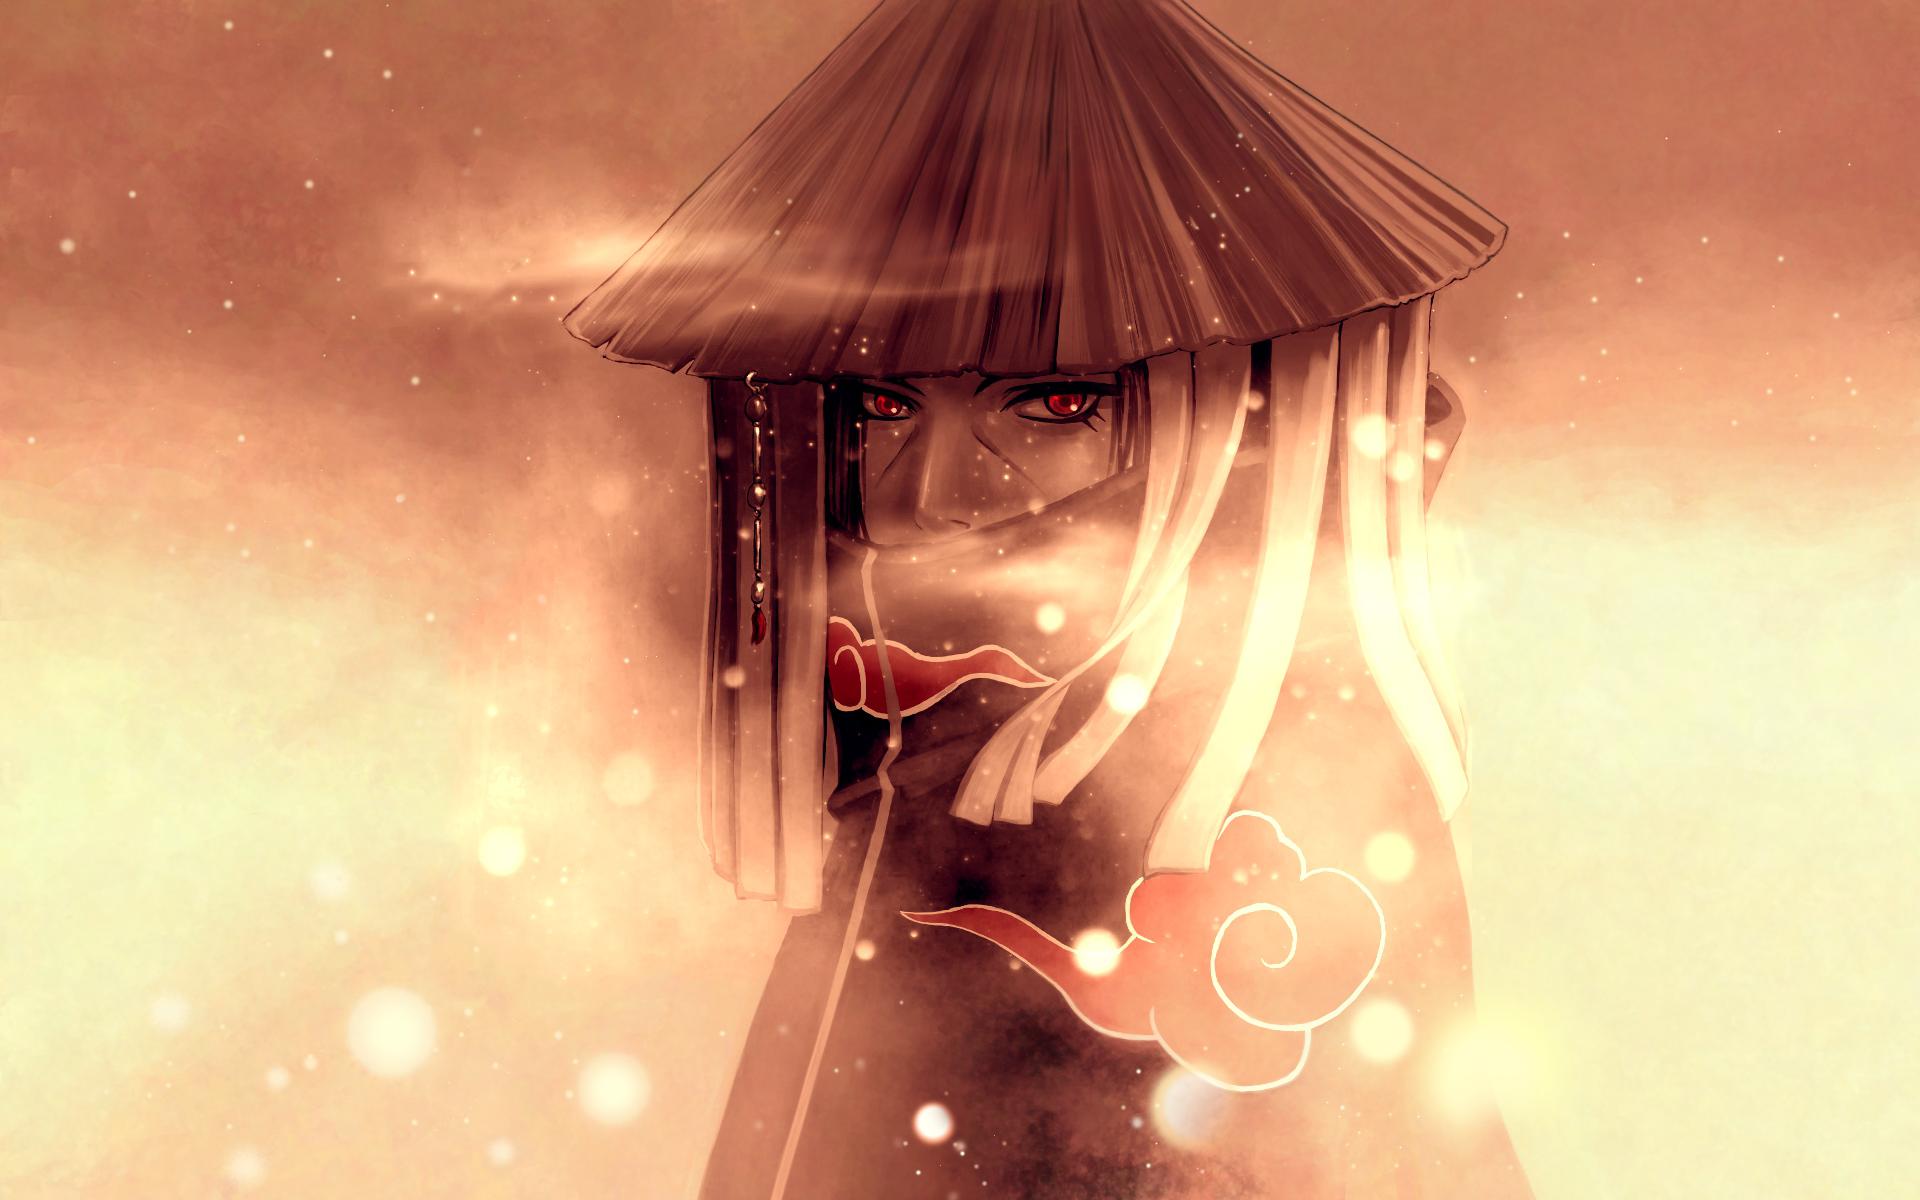 Akatsuki Naruto Itachi Uchiha Naruto Red Eyes Sharingan Naruto 1920x1200